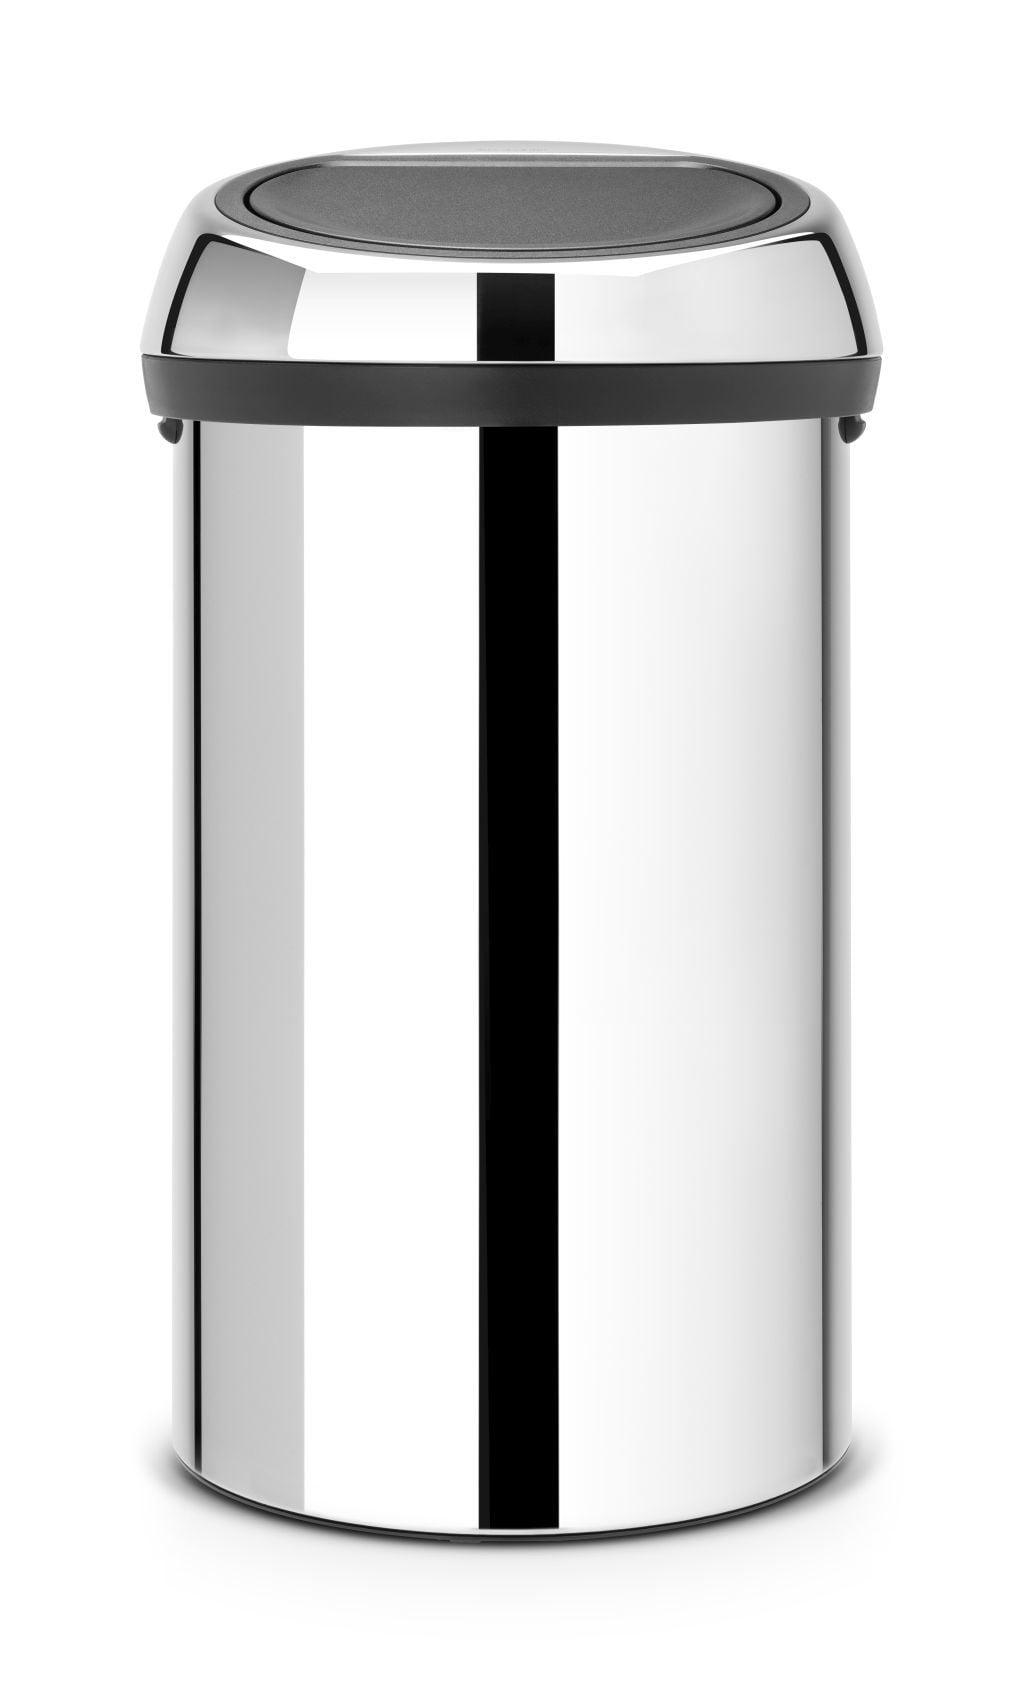 Brabantia Afvalemmer Touch Bin 50 Liter.Brabantia Touch Bin Afvalemmer 60 Liter Briliant Steel Brabantia Touch Bin Afvalemmer 60 Liter Briliant Steel